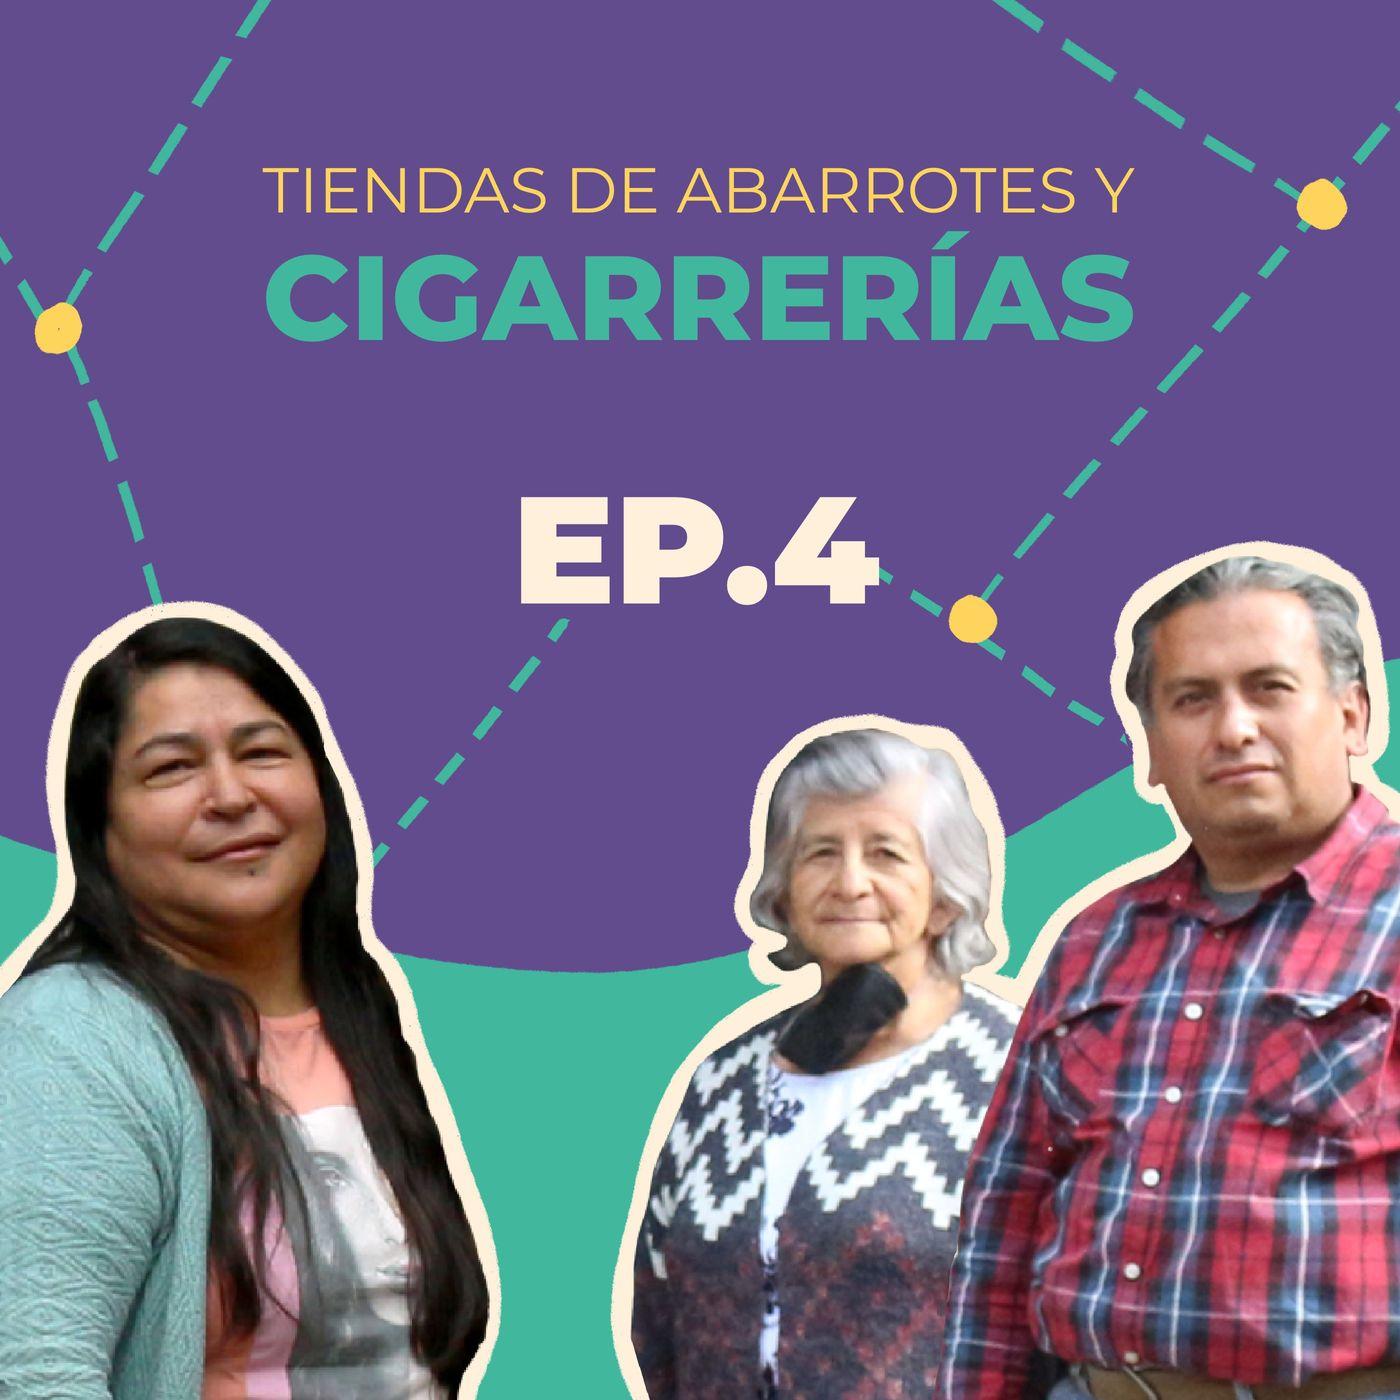 Tiendas de abarrotes y cigarrerías en Bogotá | Bacatáfono: Historia entre-tiendas | EP4.T2